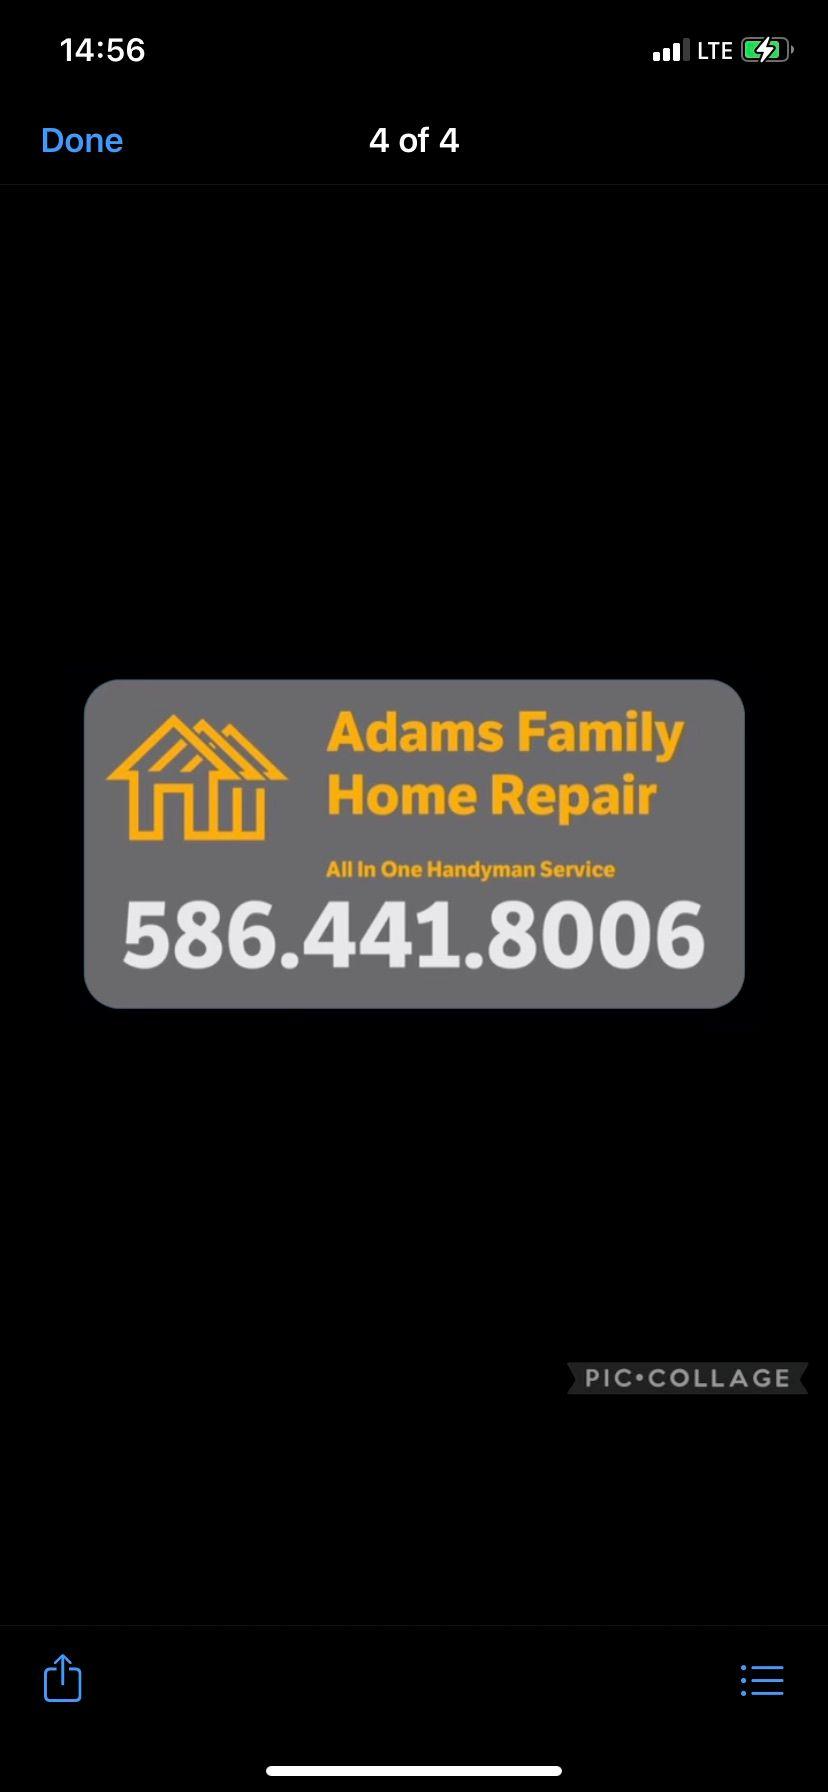 Adams Family Home Repair